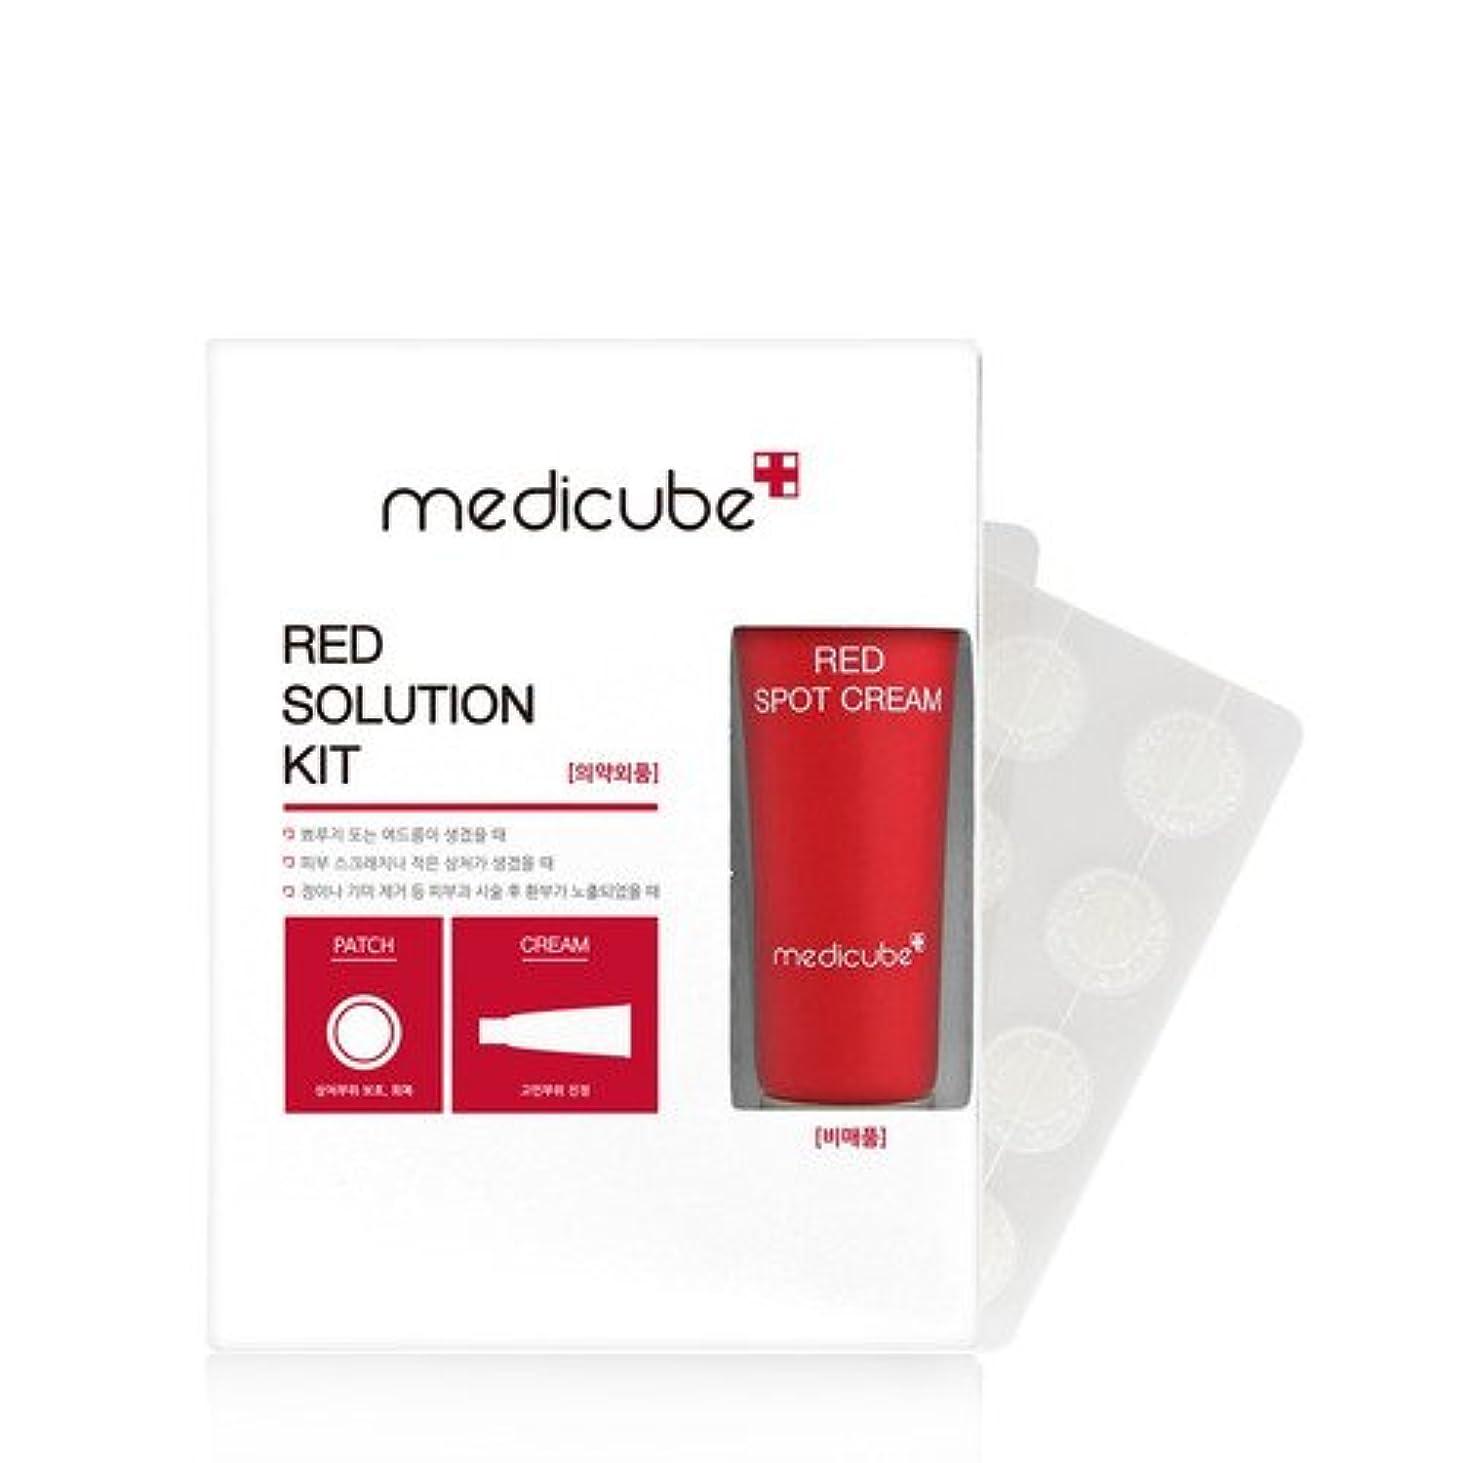 歴史家性別記事[Medicube]Red Solution Kit(Clear spot patch) 12mm x 2 / メディキューブレッドソリューションキット 12mm x 24pcs / 正品?海外直送商品 [並行輸入品]